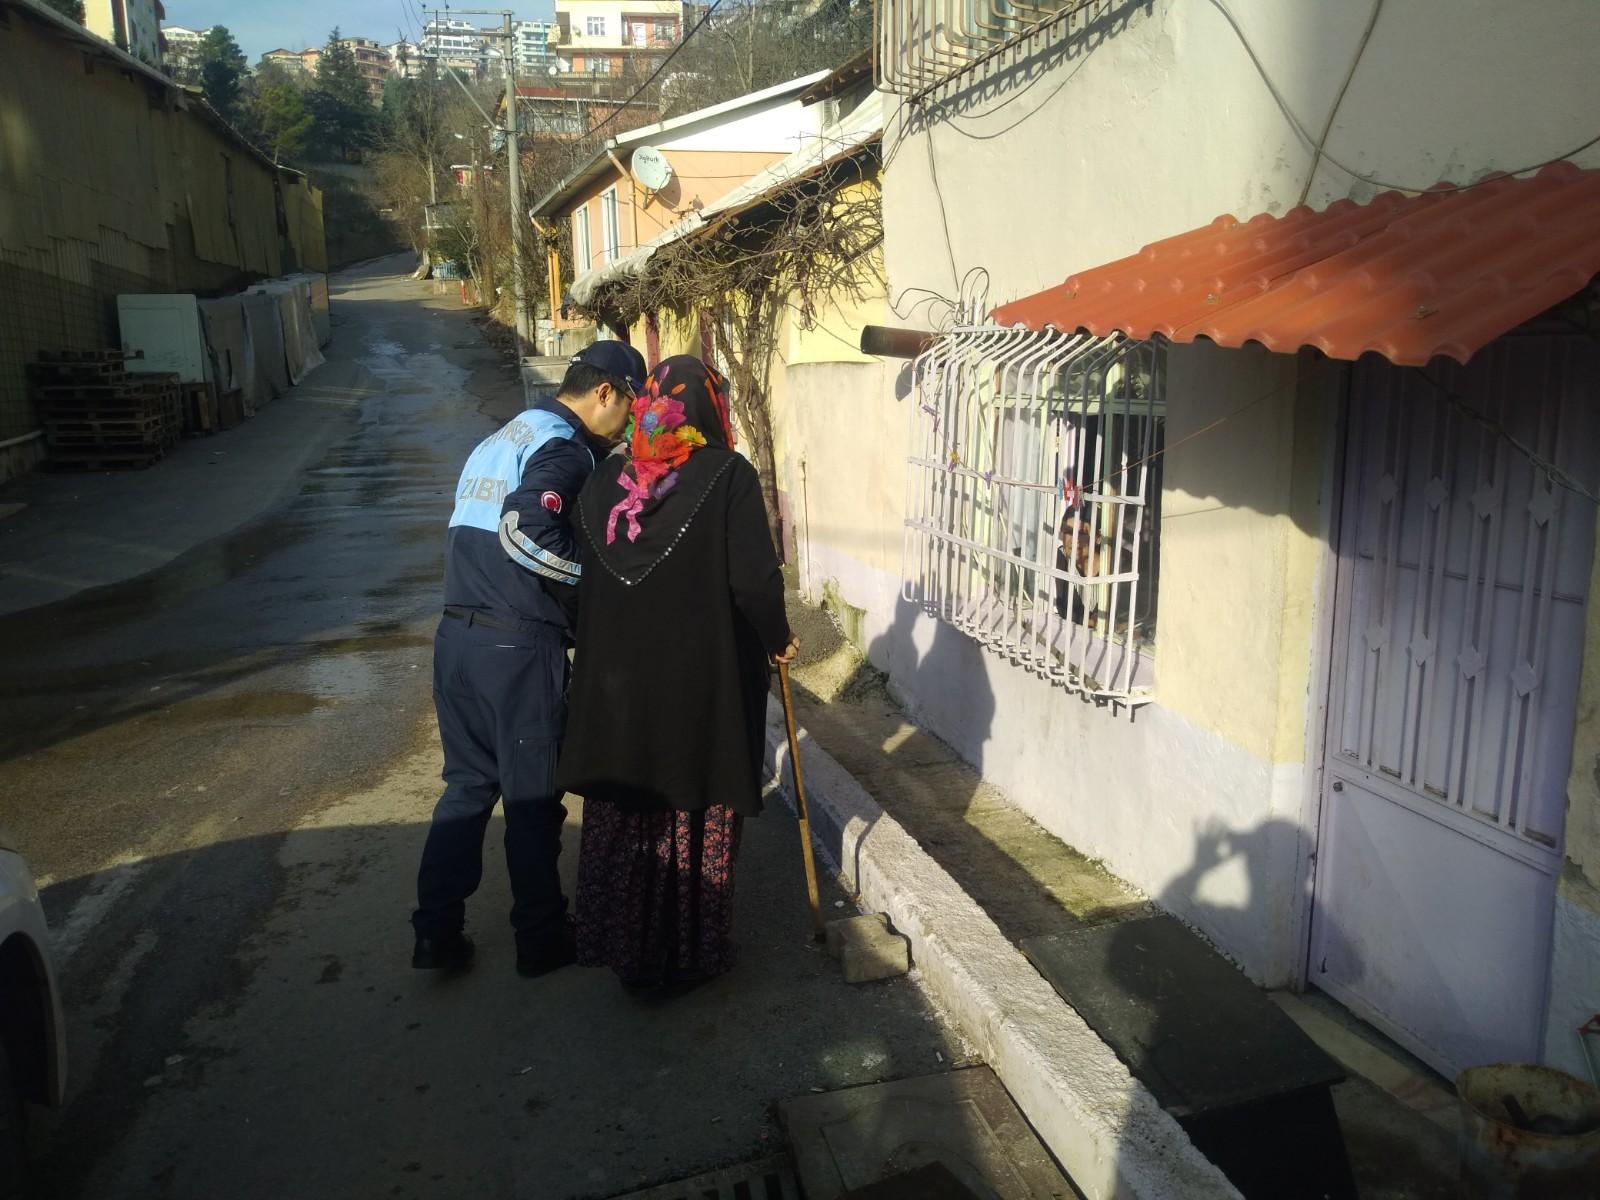 ZABITADAN AYSEL TEYZE'YE YARDIM ELİ